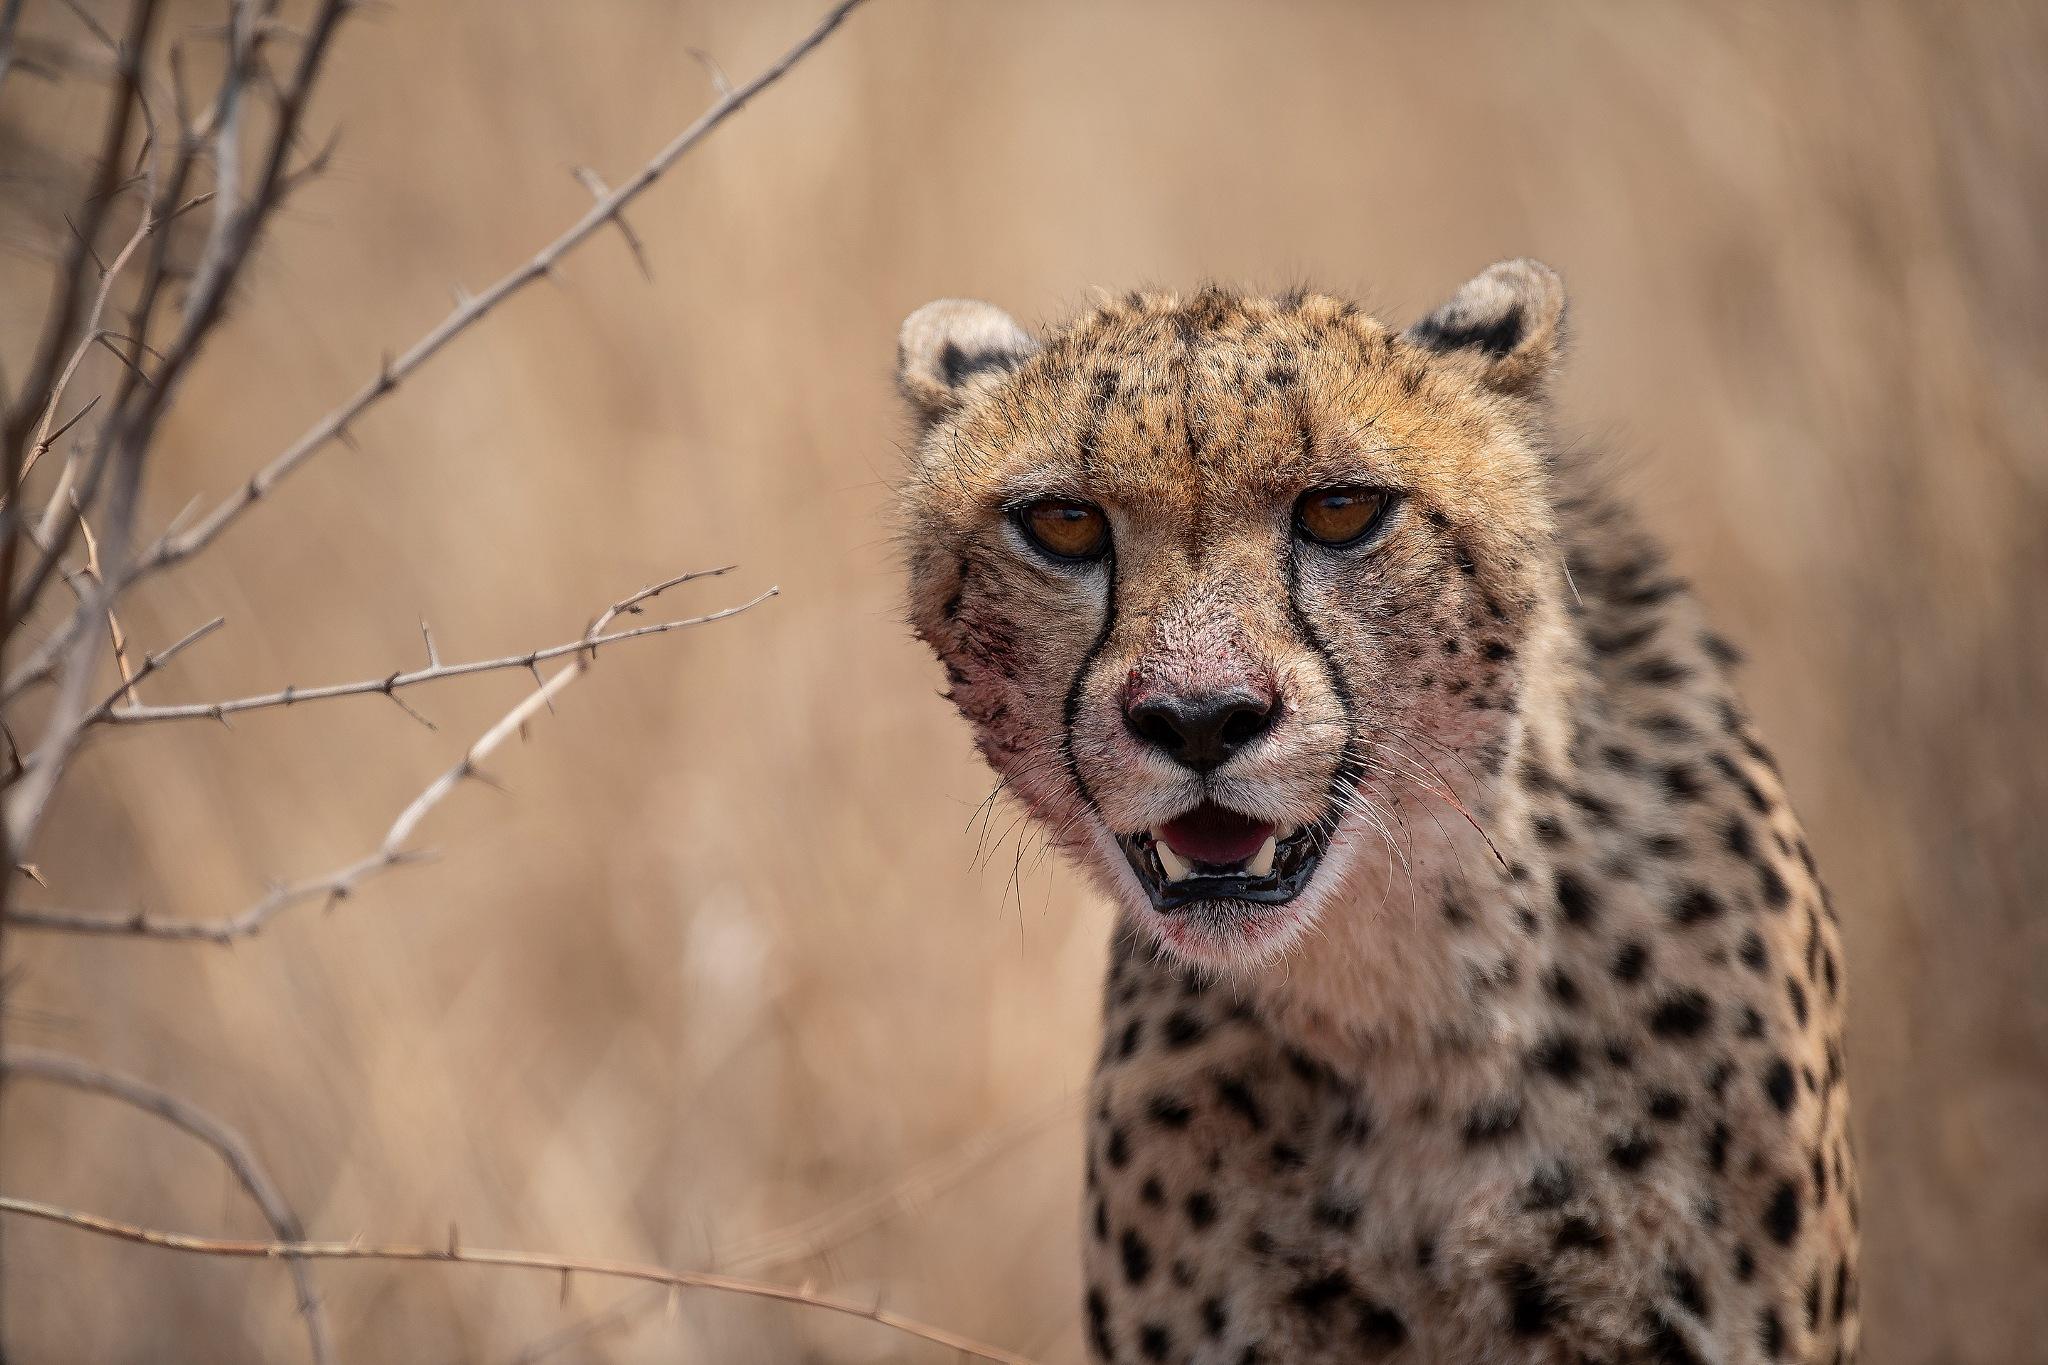 Cheetah by RonnieBergstrom